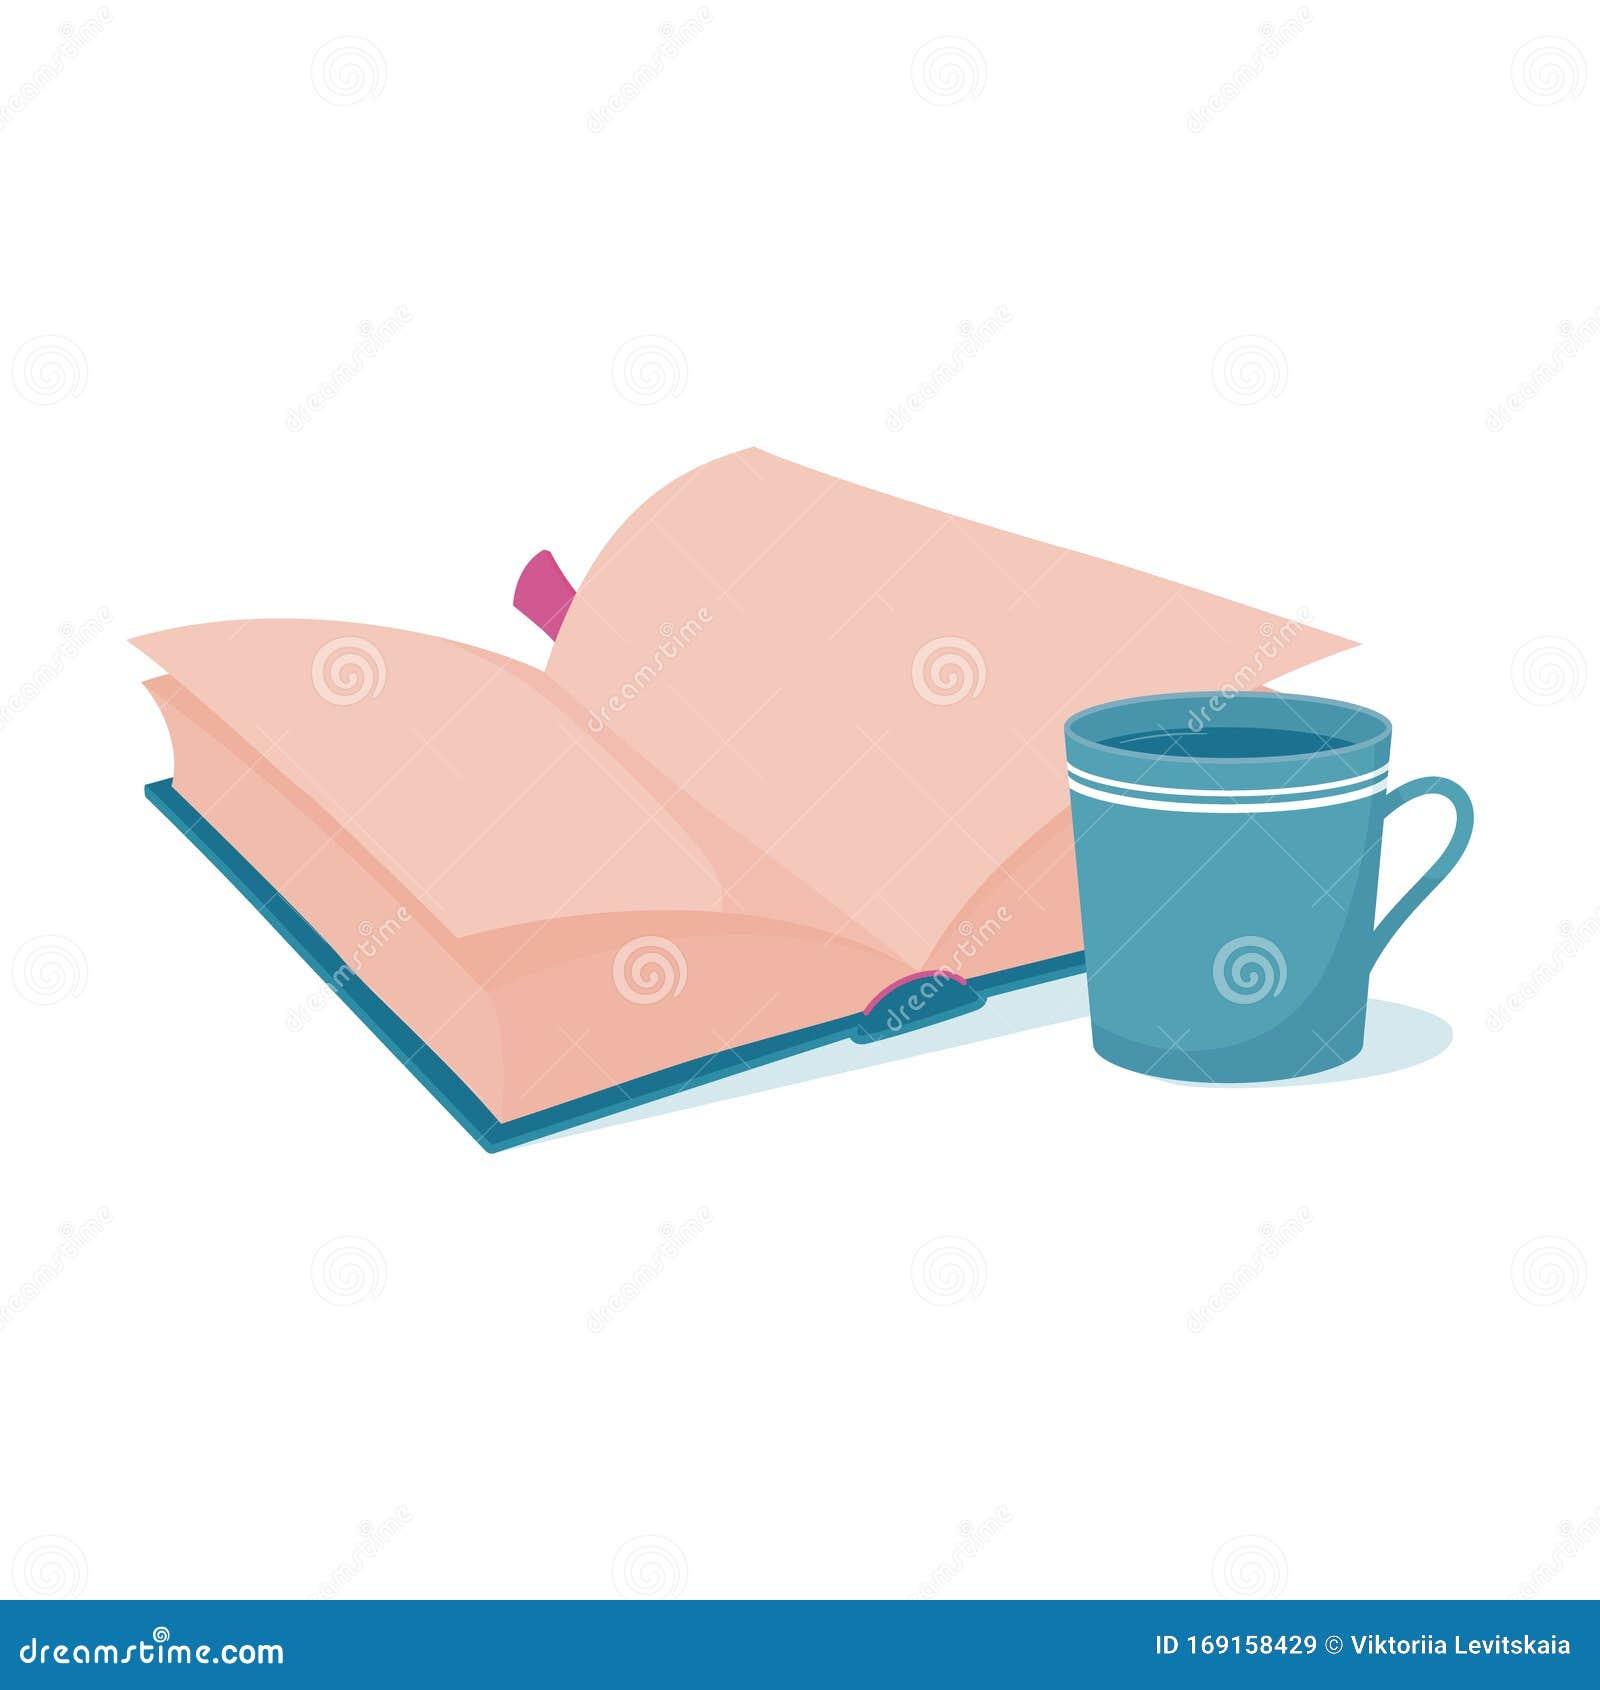 Booklogo Design: Reading Logo With Open Book And A Big Mug Stock Vector